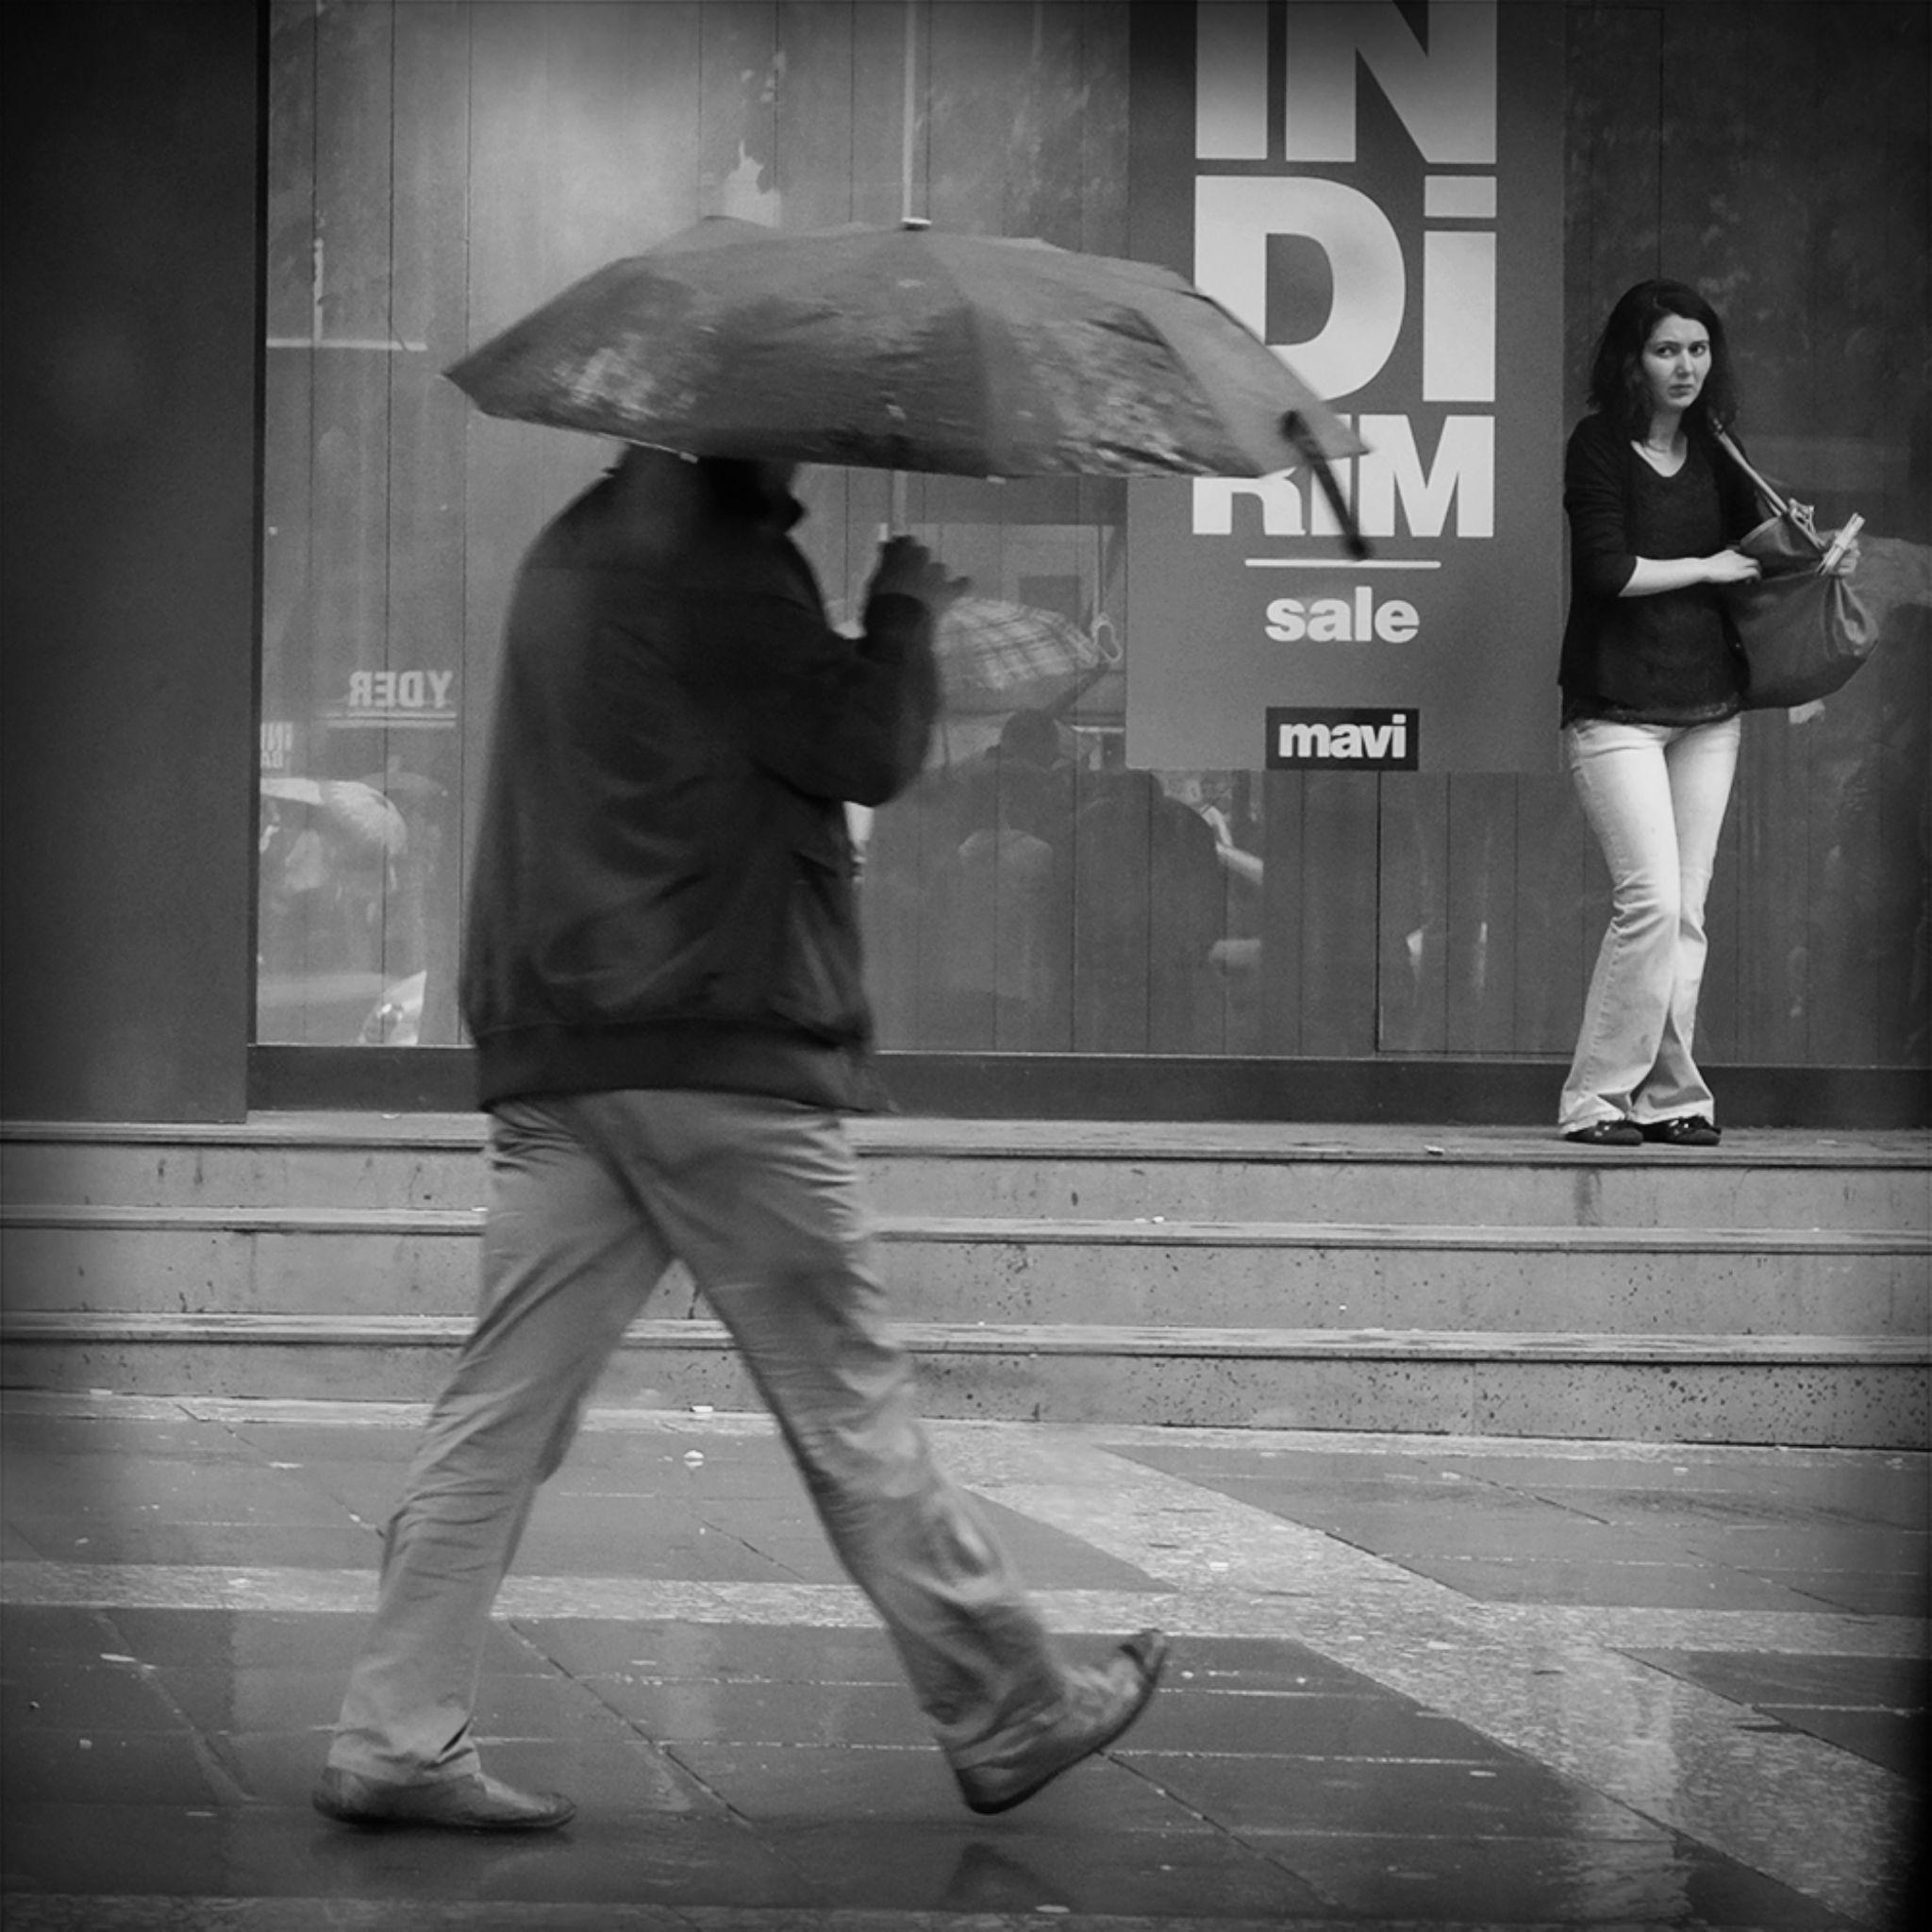 Rain, a woman a man by Ziya YILDIRIM